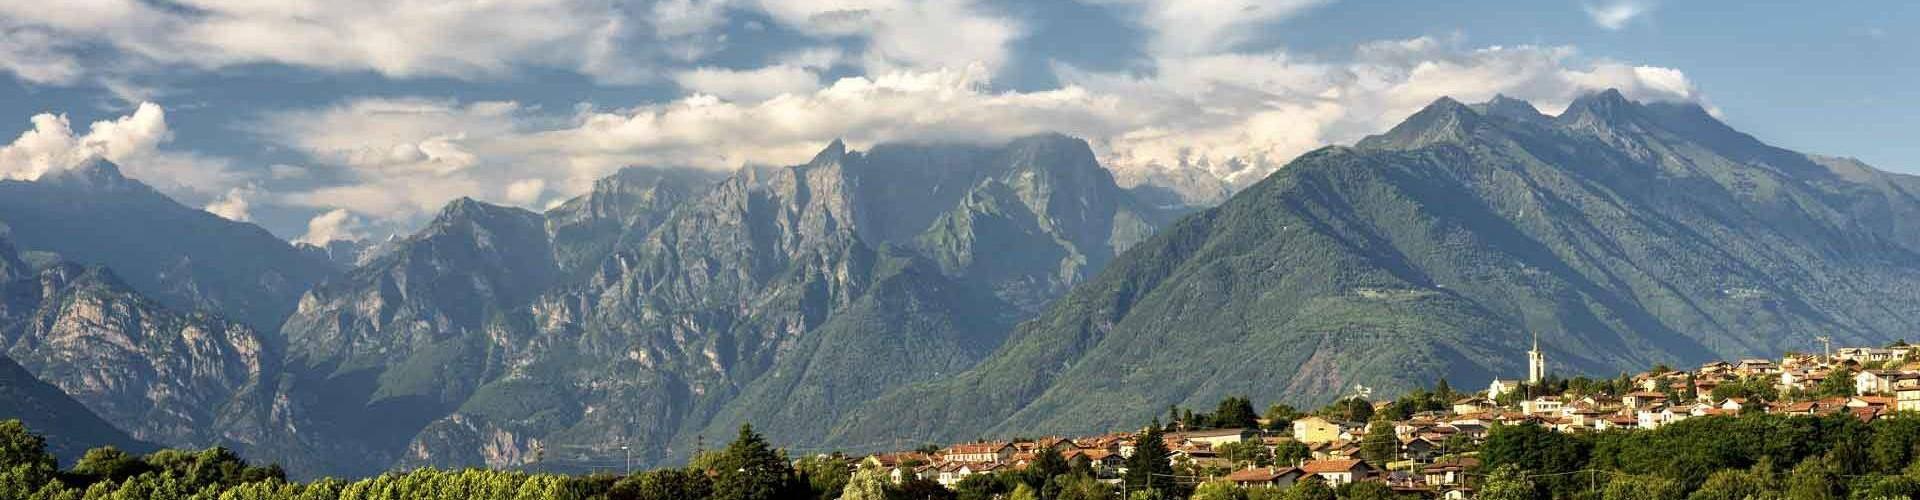 Il sentiero Valtellina: in bici lungo l'Adda